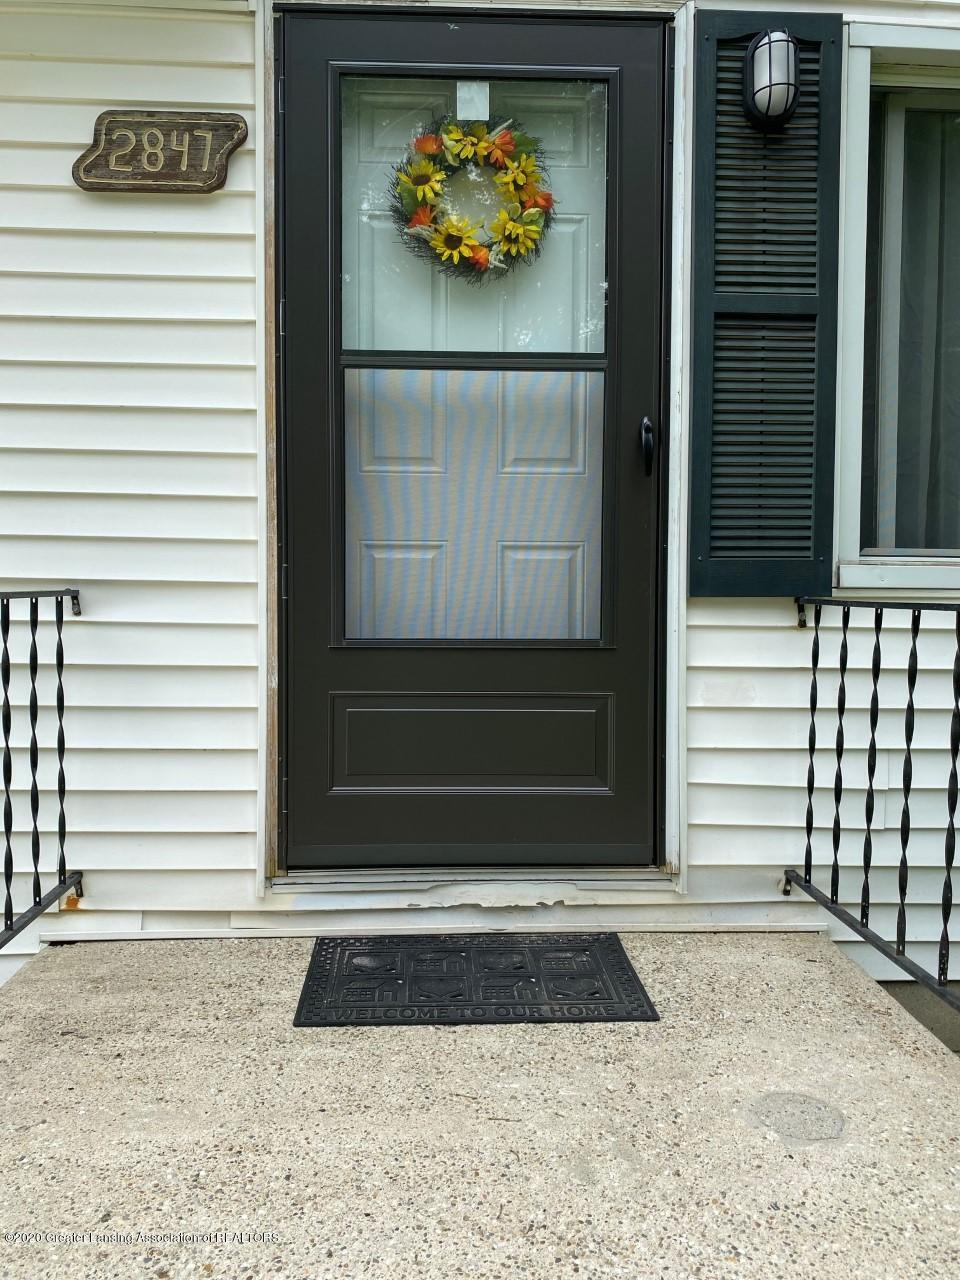 2847 Gramer Rd - Front Door - 2